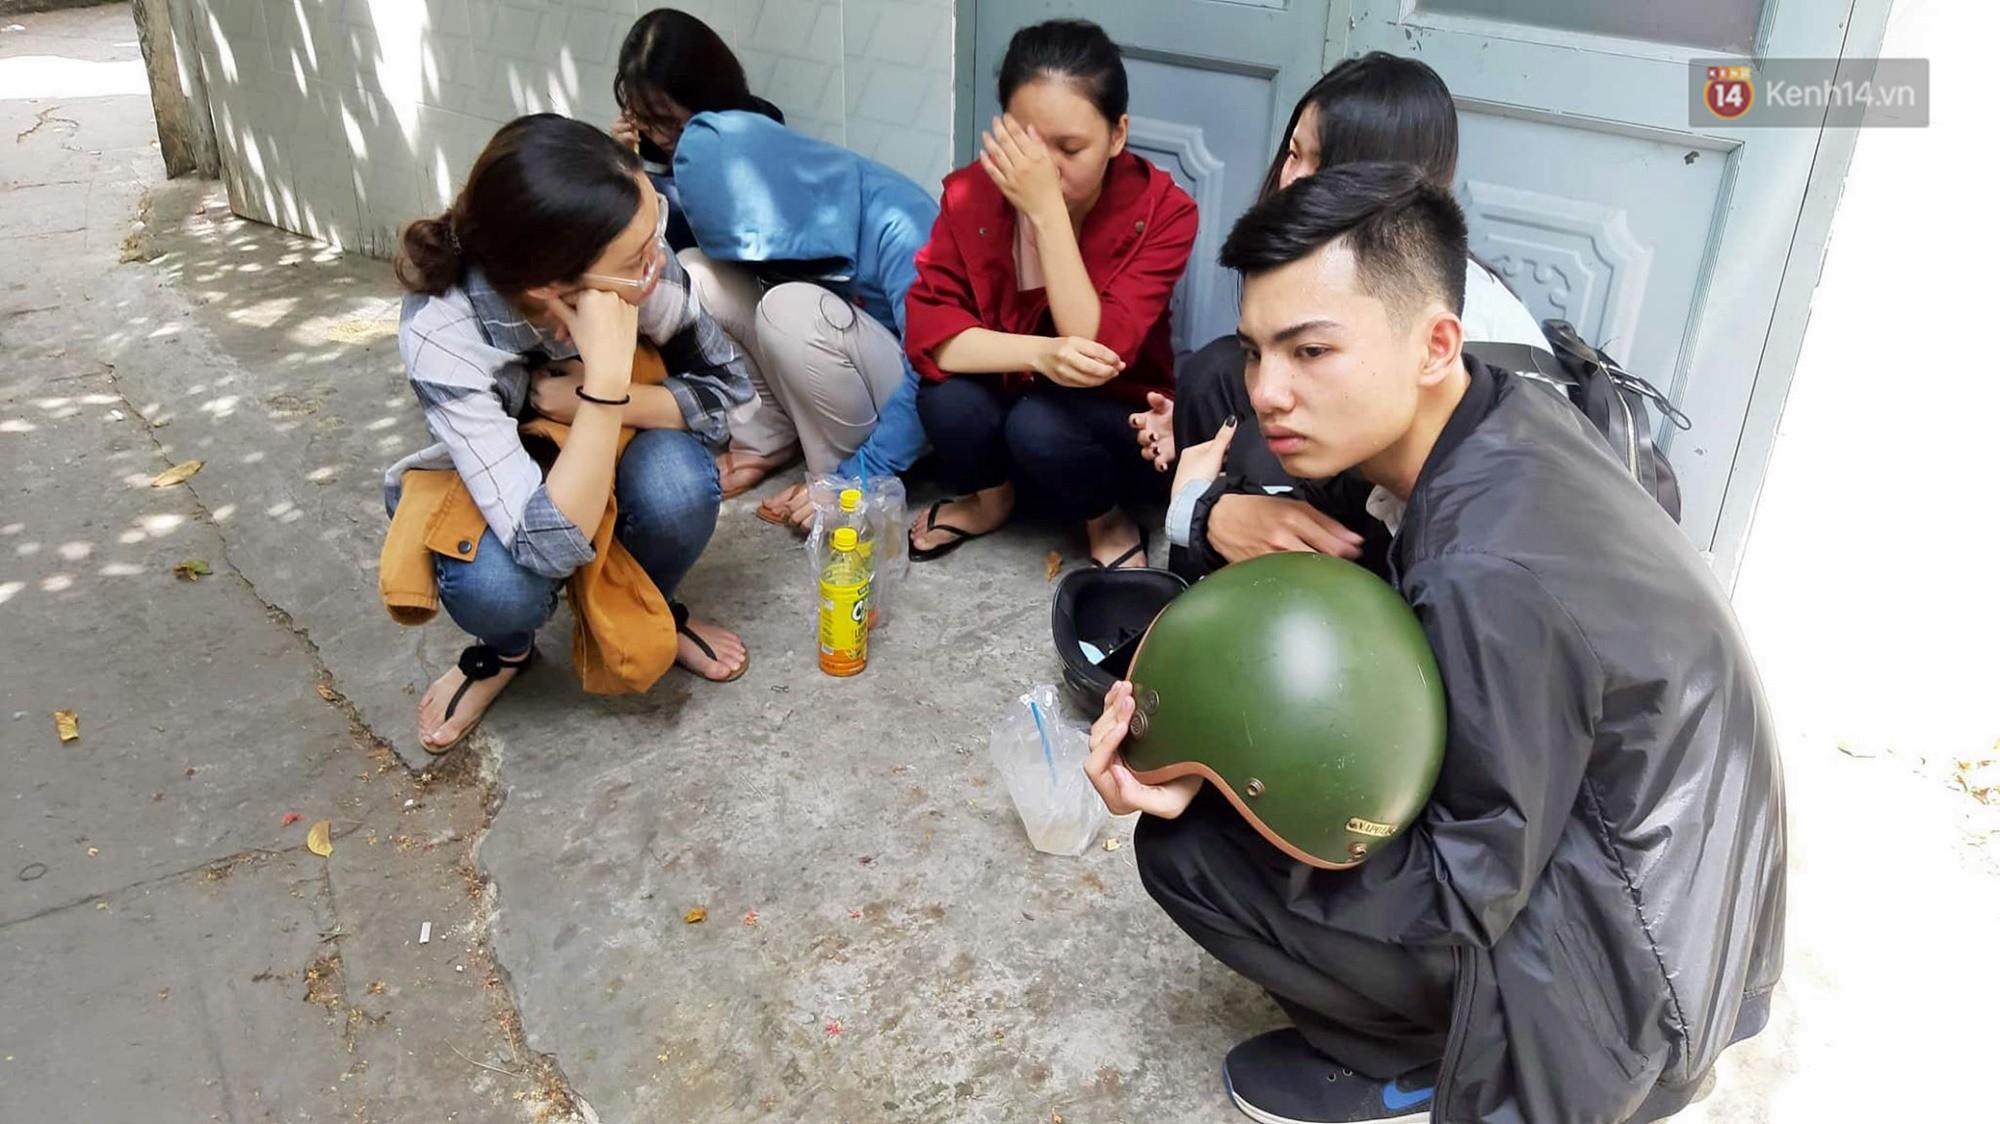 Bạn bè bàng hoàng, khóc thương nữ sinh viên nghi bị bạn trai sát hại trong phòng trọ ở Sài Gòn - Ảnh 5.